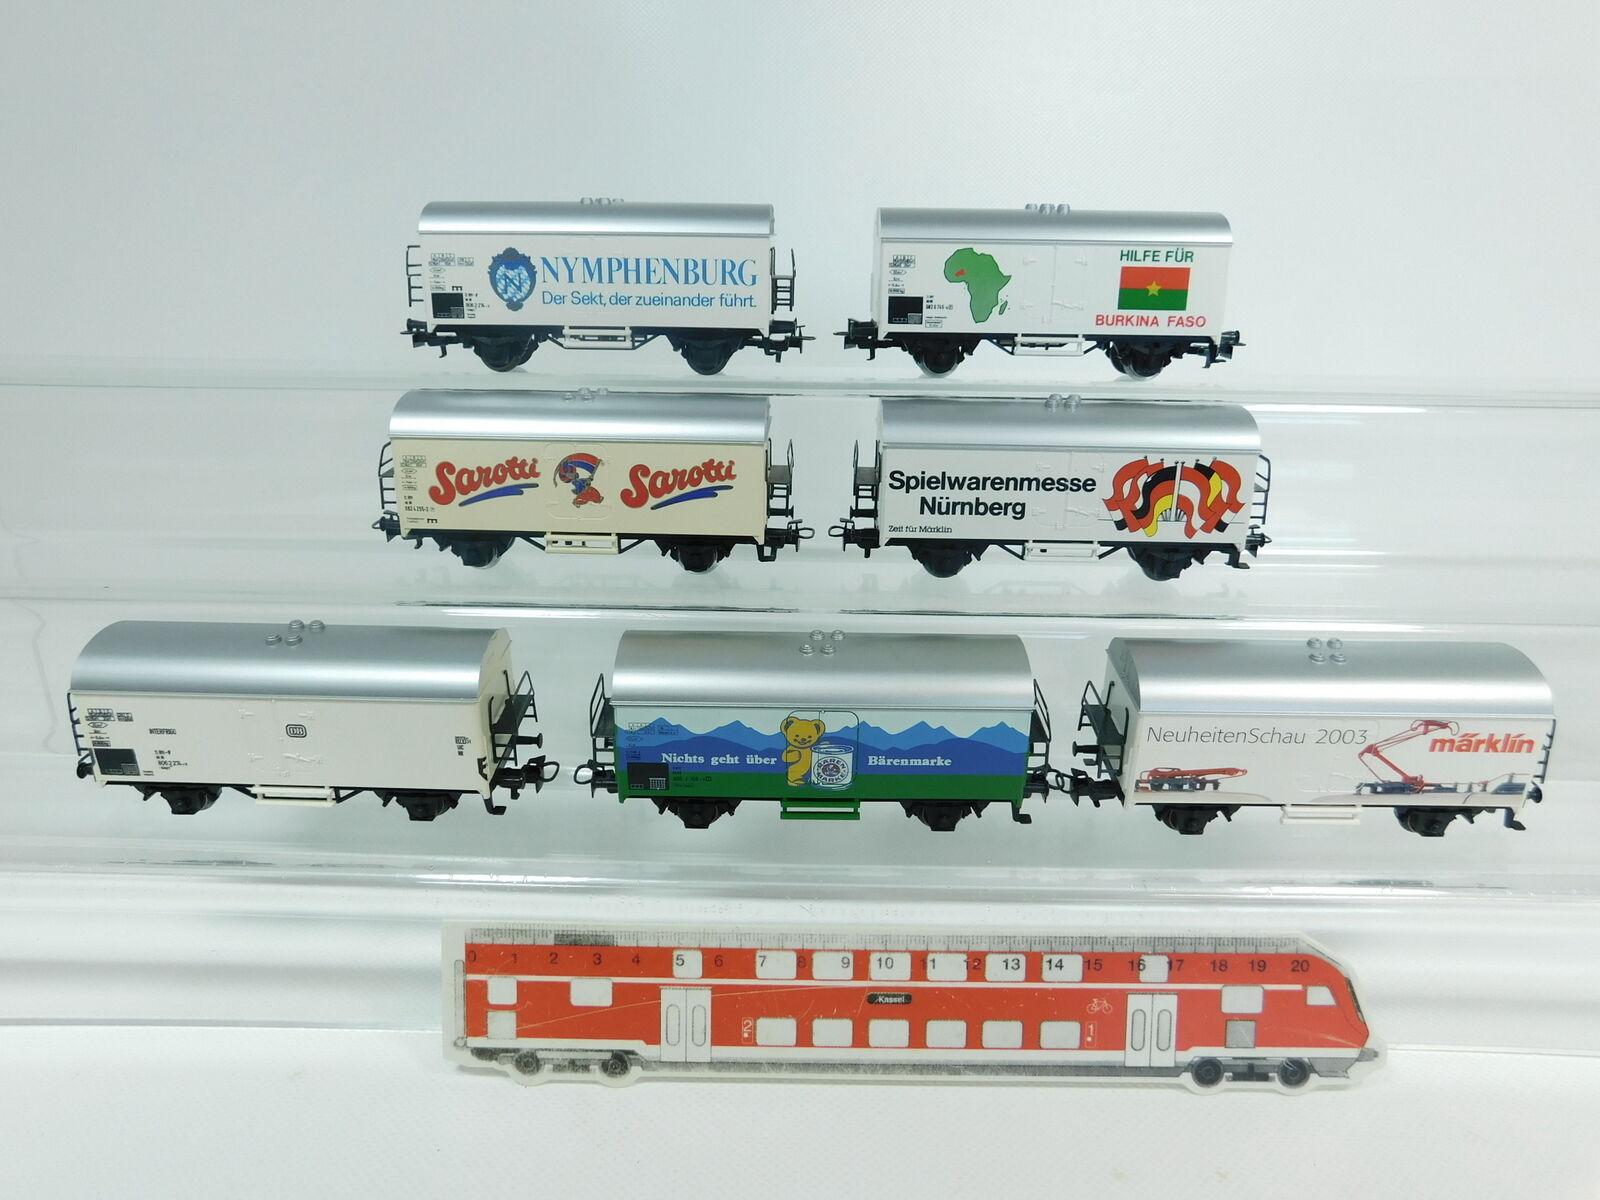 BG562-1  7x Märklin H0 AC Güterwagen Güterwagen Güterwagen DB  SarottiBärenmarkeNymphenburg etc, s.g  | Bequeme Berührung  a5afbb